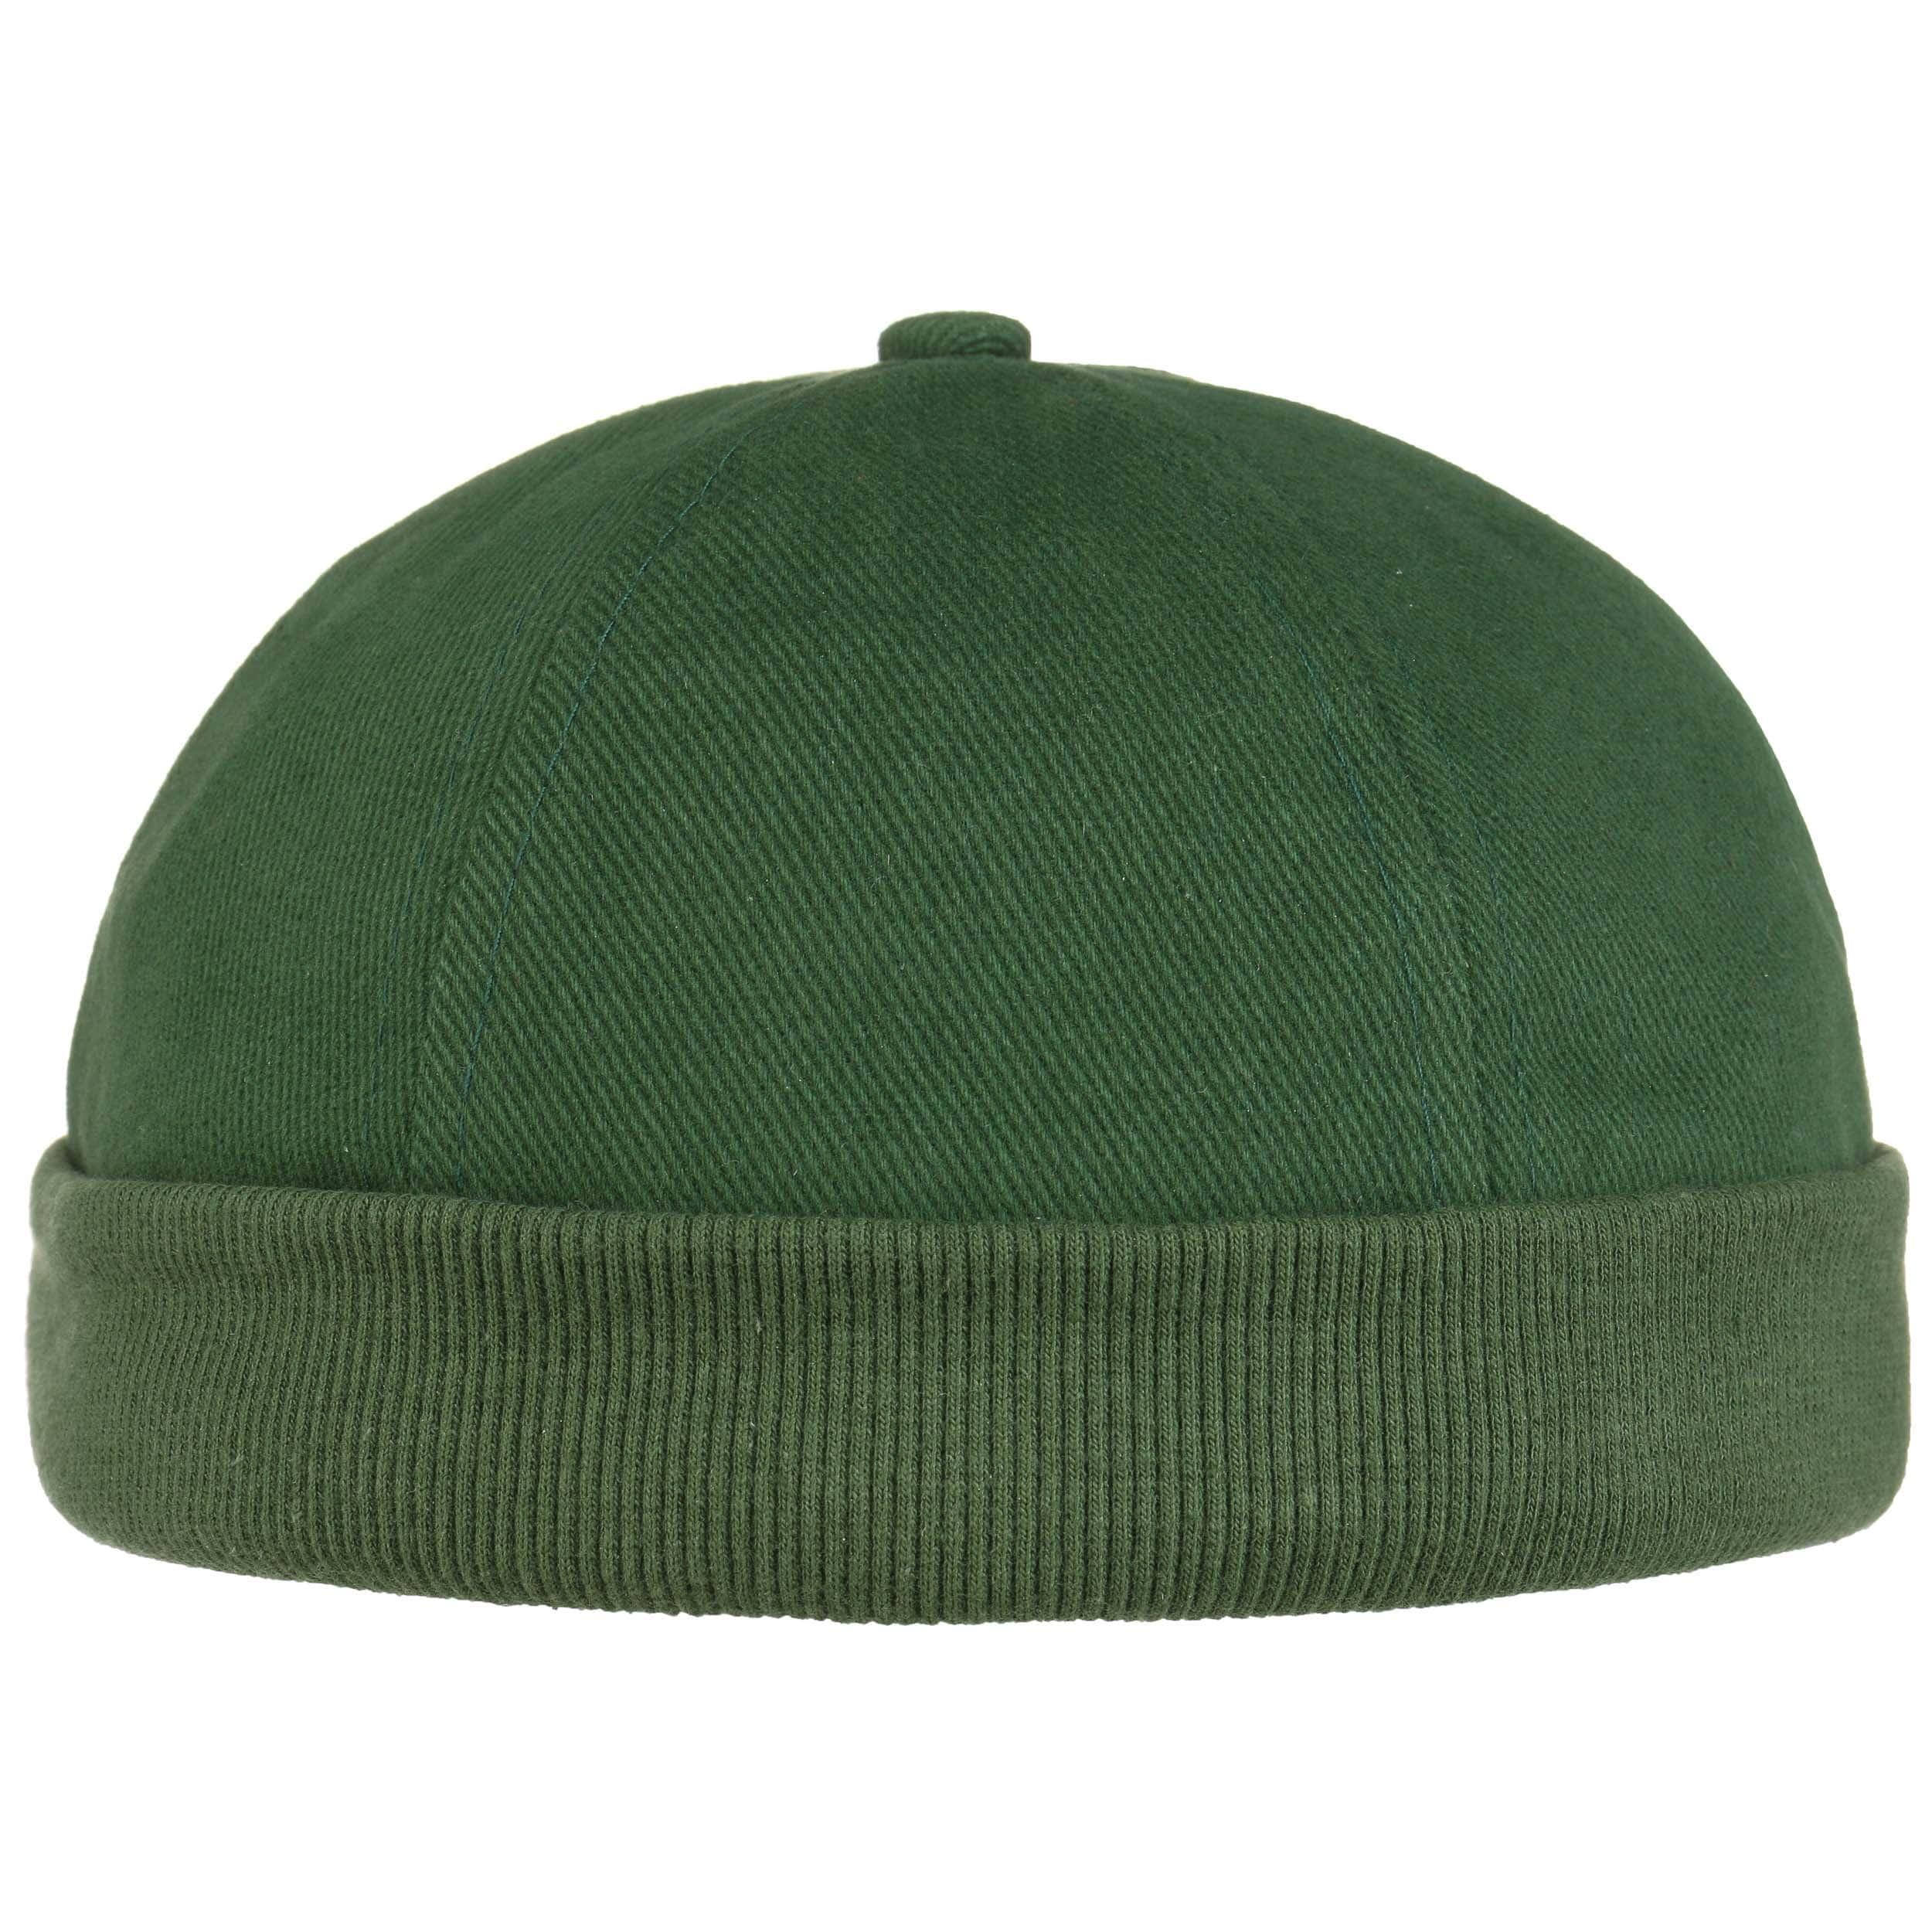 ... Calotta in Cotone Docker Cap - verde scuro 6 ... 8acf9f0720a5